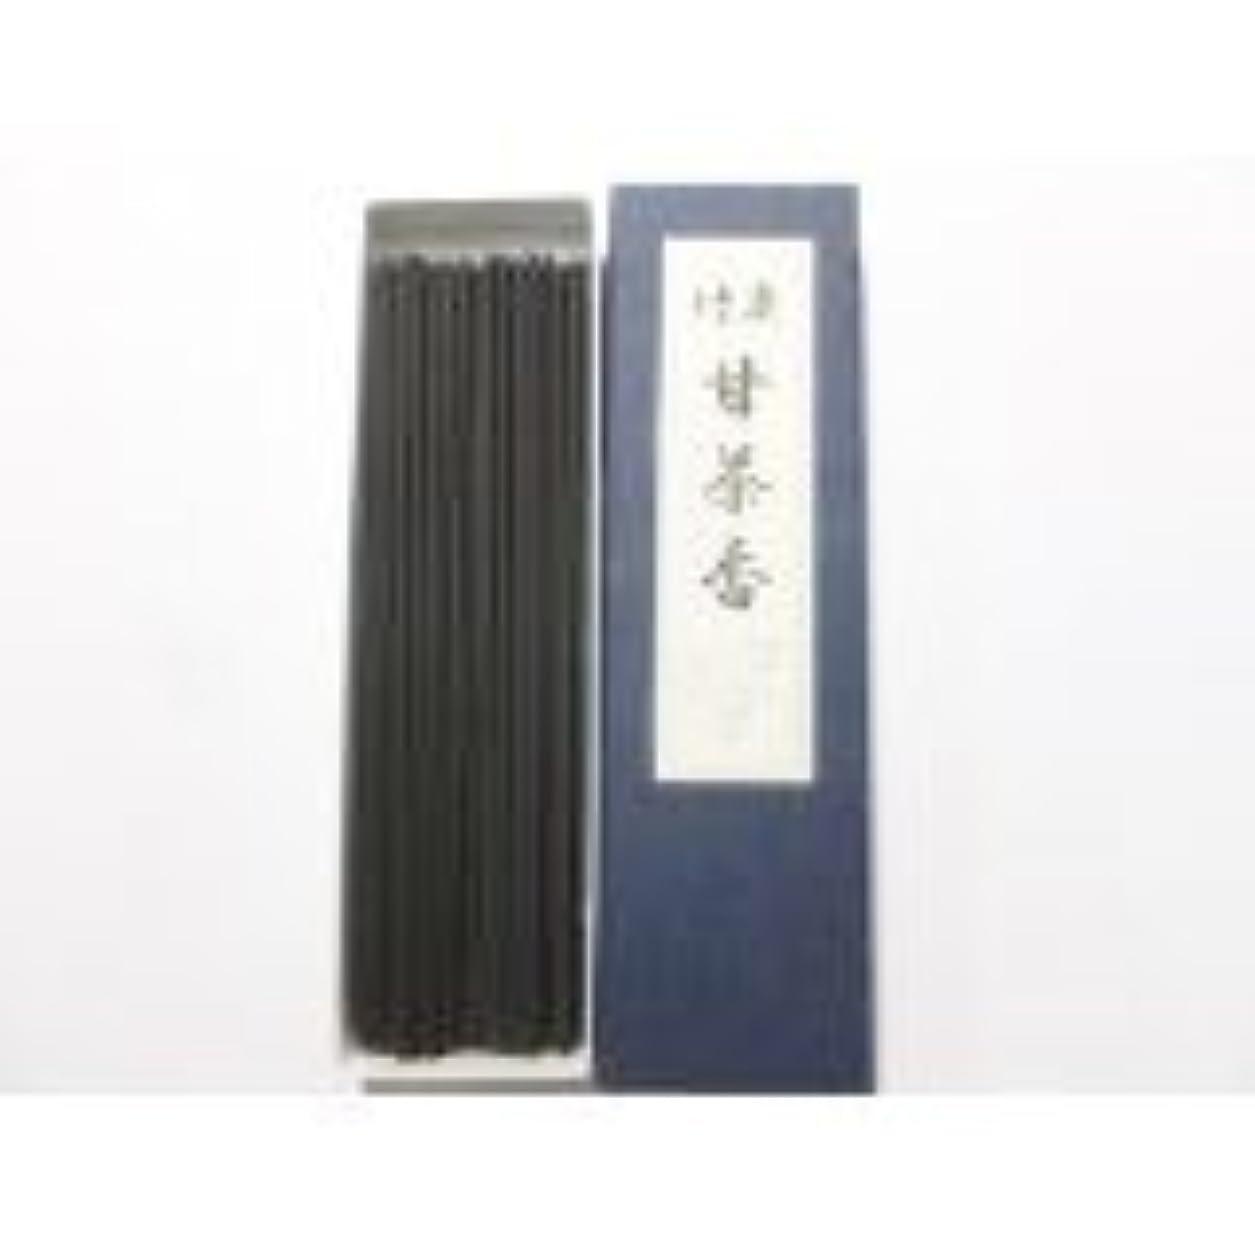 辞任事前少ない淡路梅薫堂の線香 竹炭甘茶香 18g #30 ×100